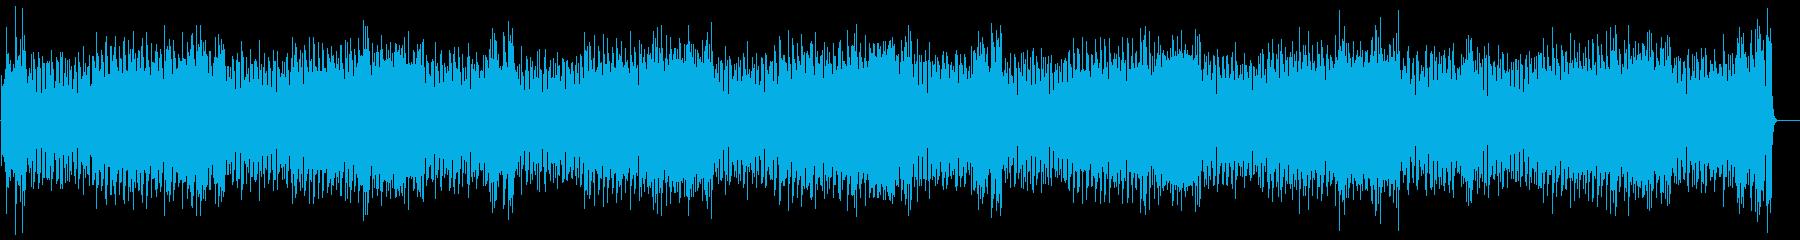 快適指数の高いポップ/フュージョンの再生済みの波形